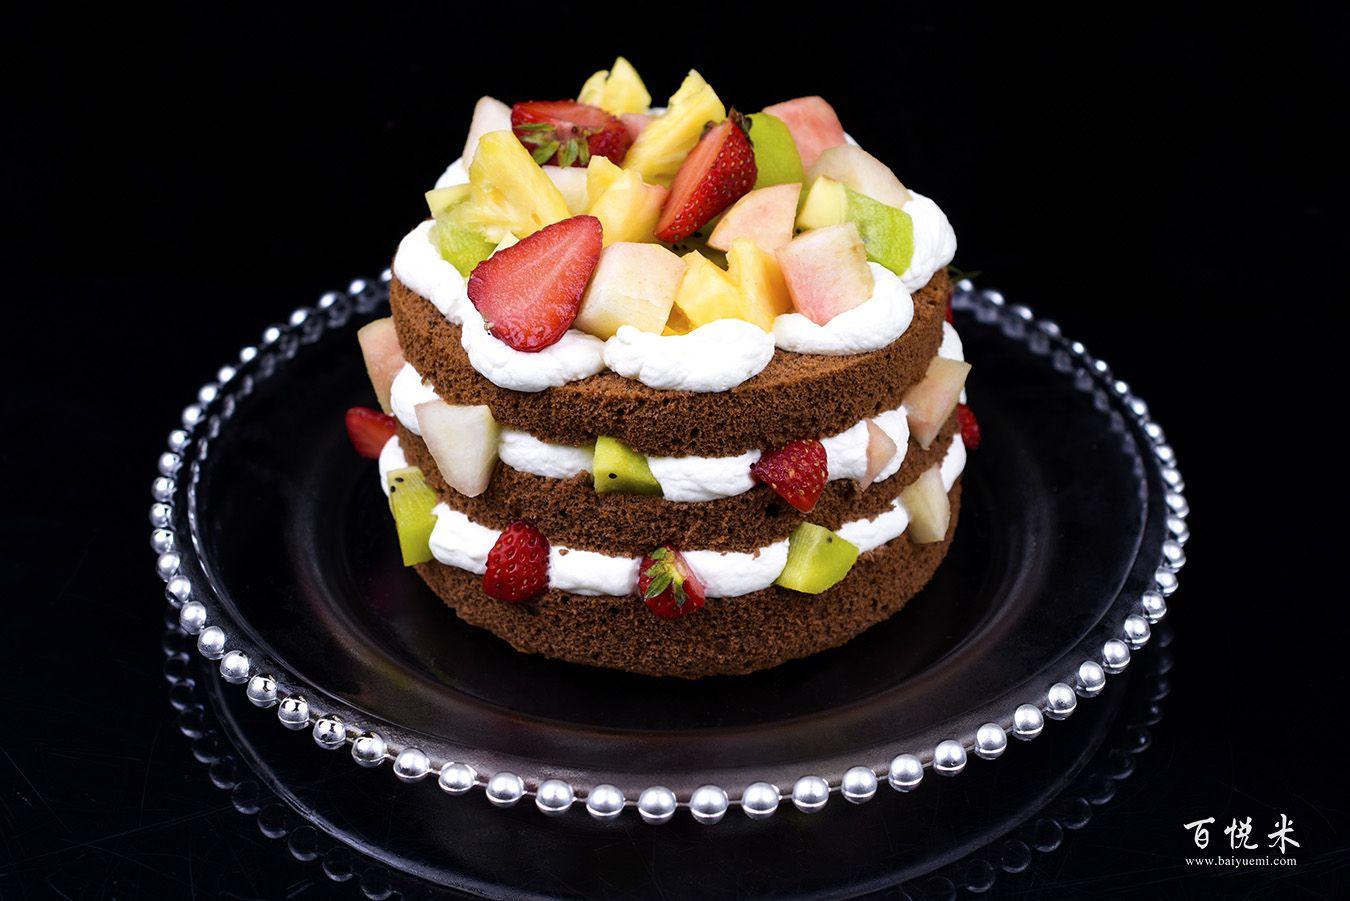 巧克力裸蛋糕高清图片大全【蛋糕图片】